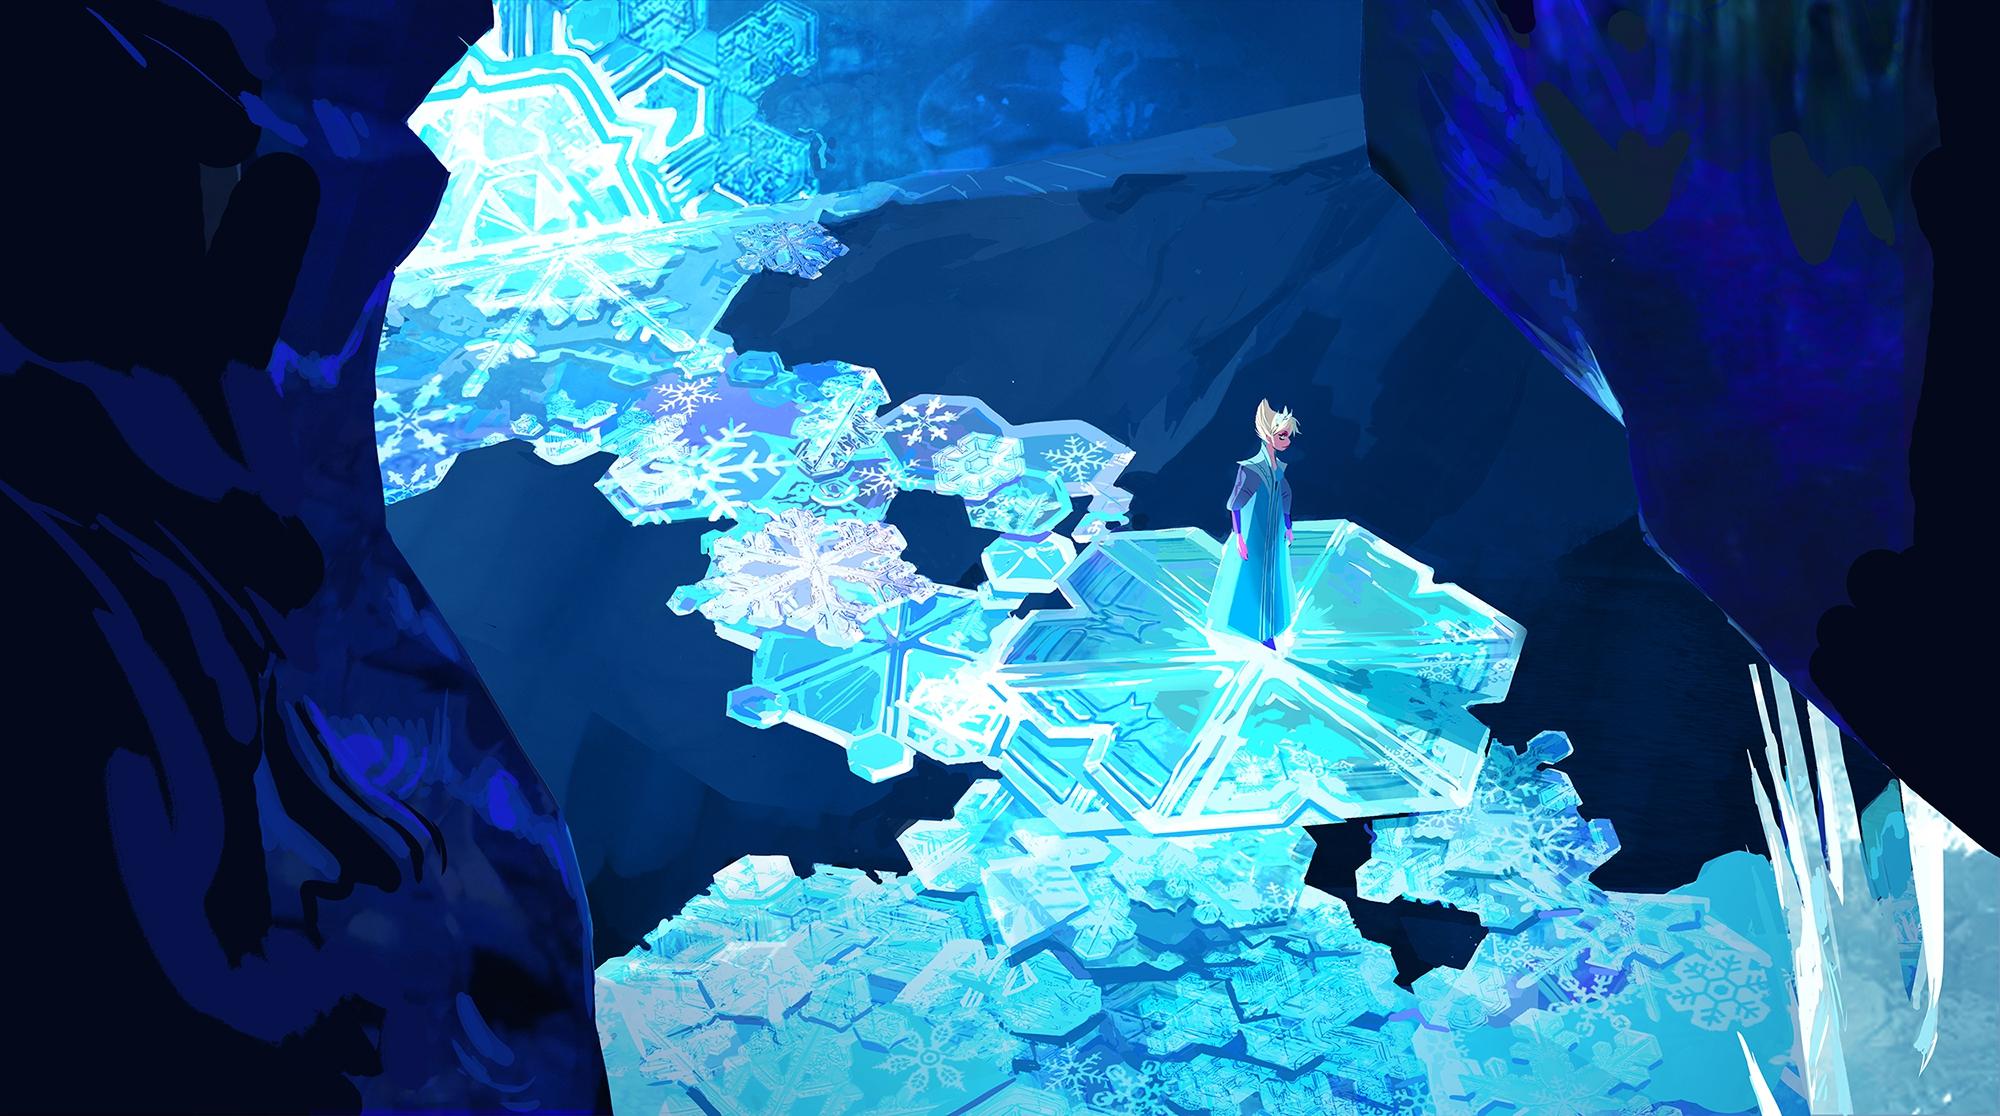 frozen computer wallpapers desktop - photo #24